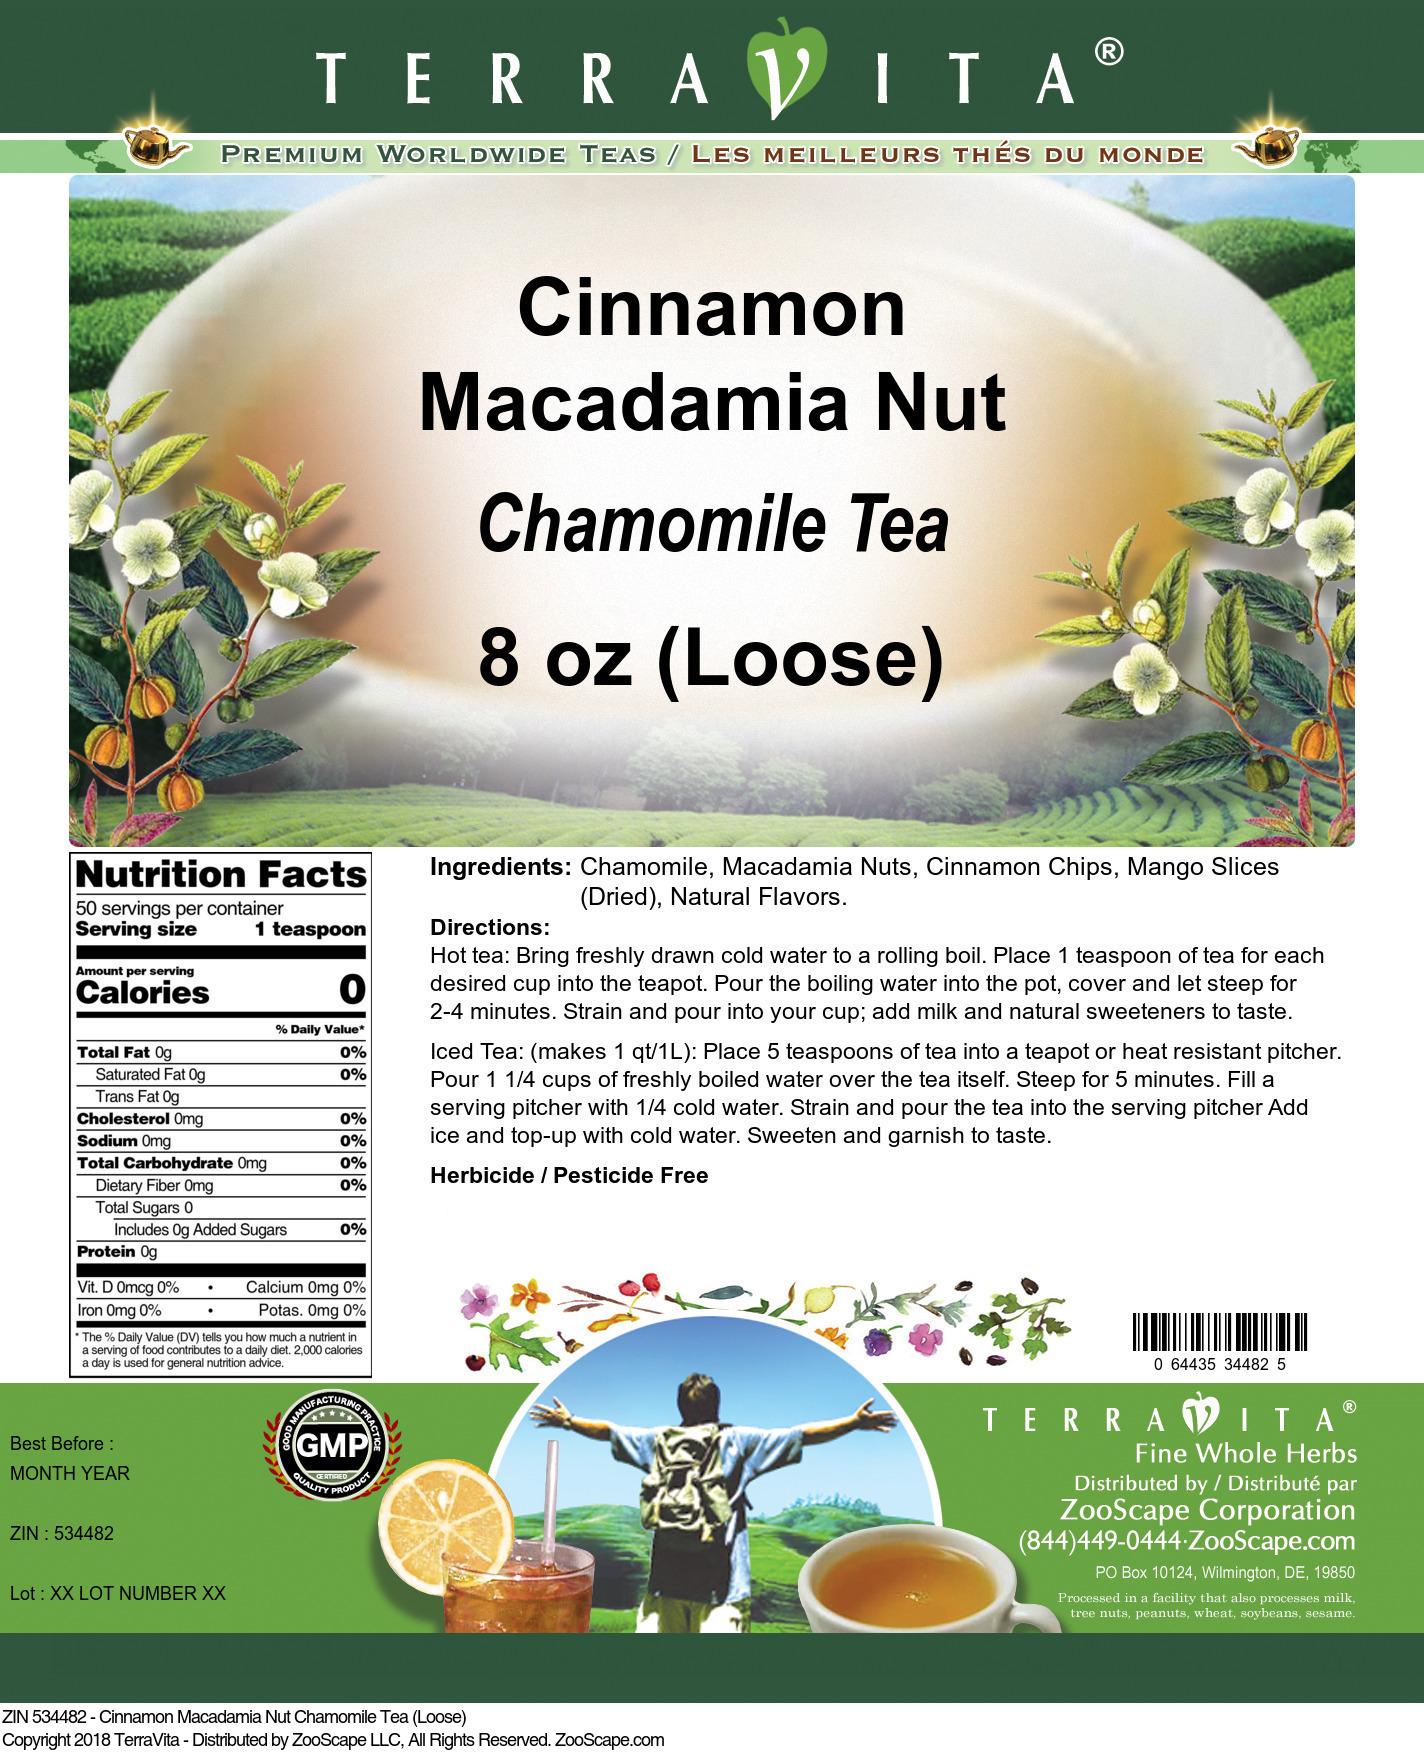 Cinnamon Macadamia Nut Chamomile Tea (Loose)